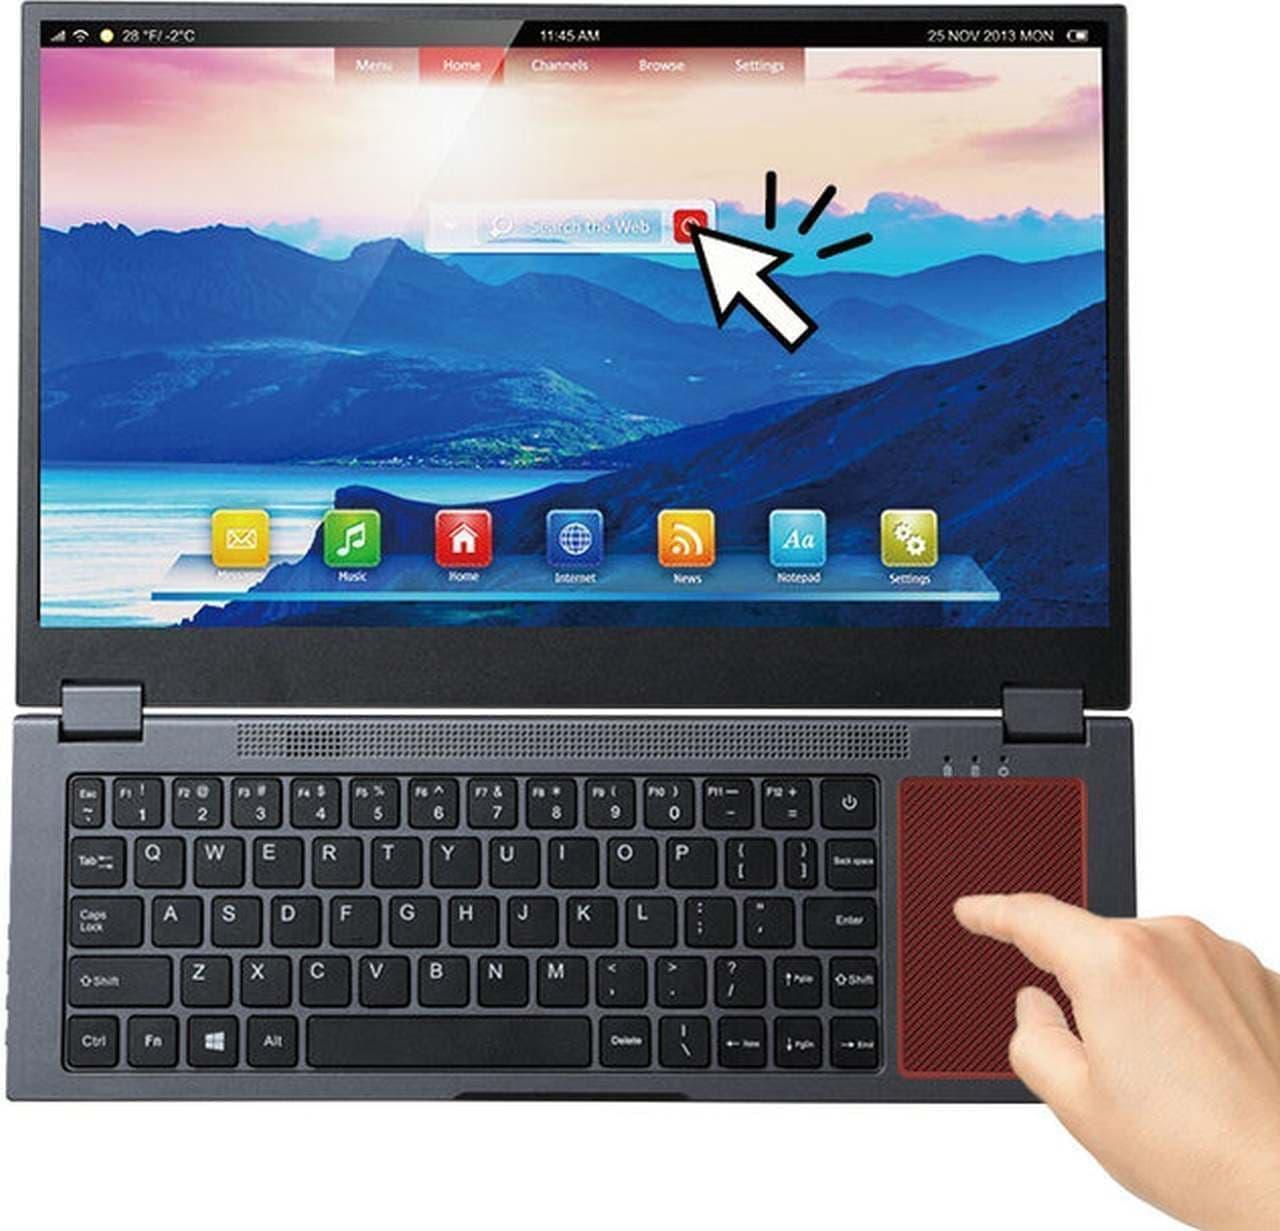 スマートフォン用のモバイルディスプレイ「7K140」Makuakeに登場 キーボード一体型で文字入力しやすい